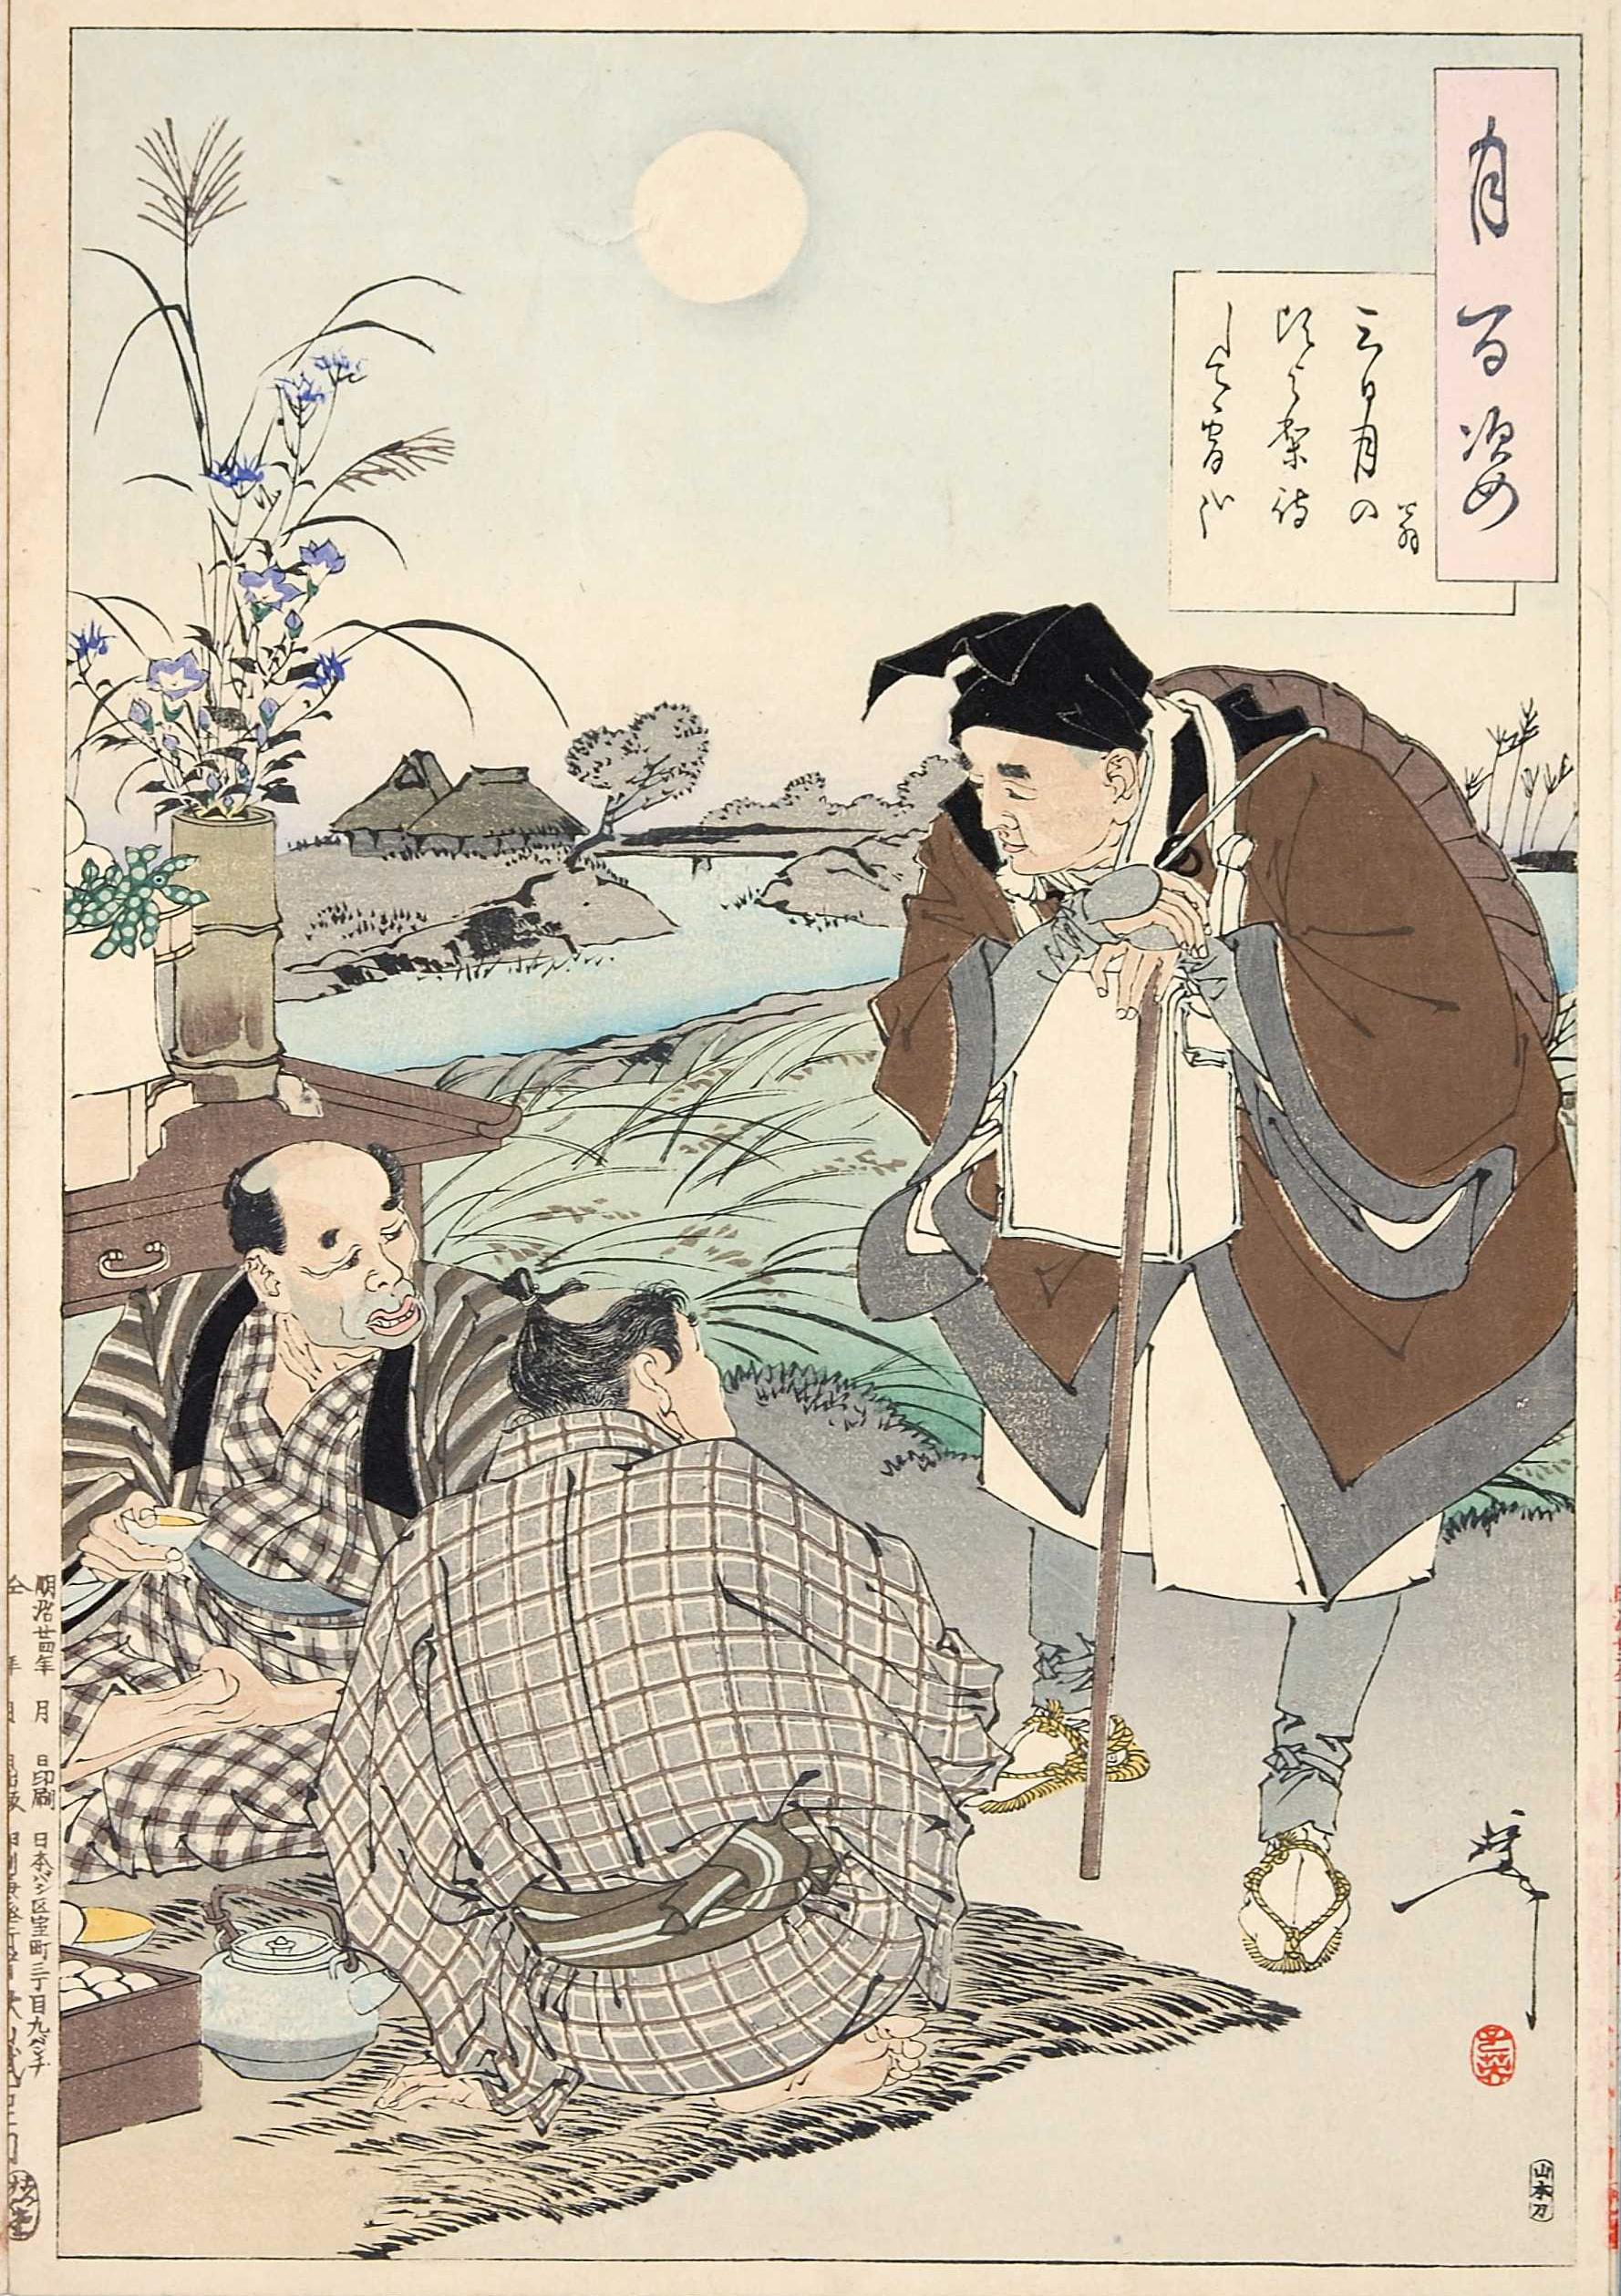 Poet-Basho1-and-Moon_Festival-Tsukioka-Yoshitoshi-1891 copy